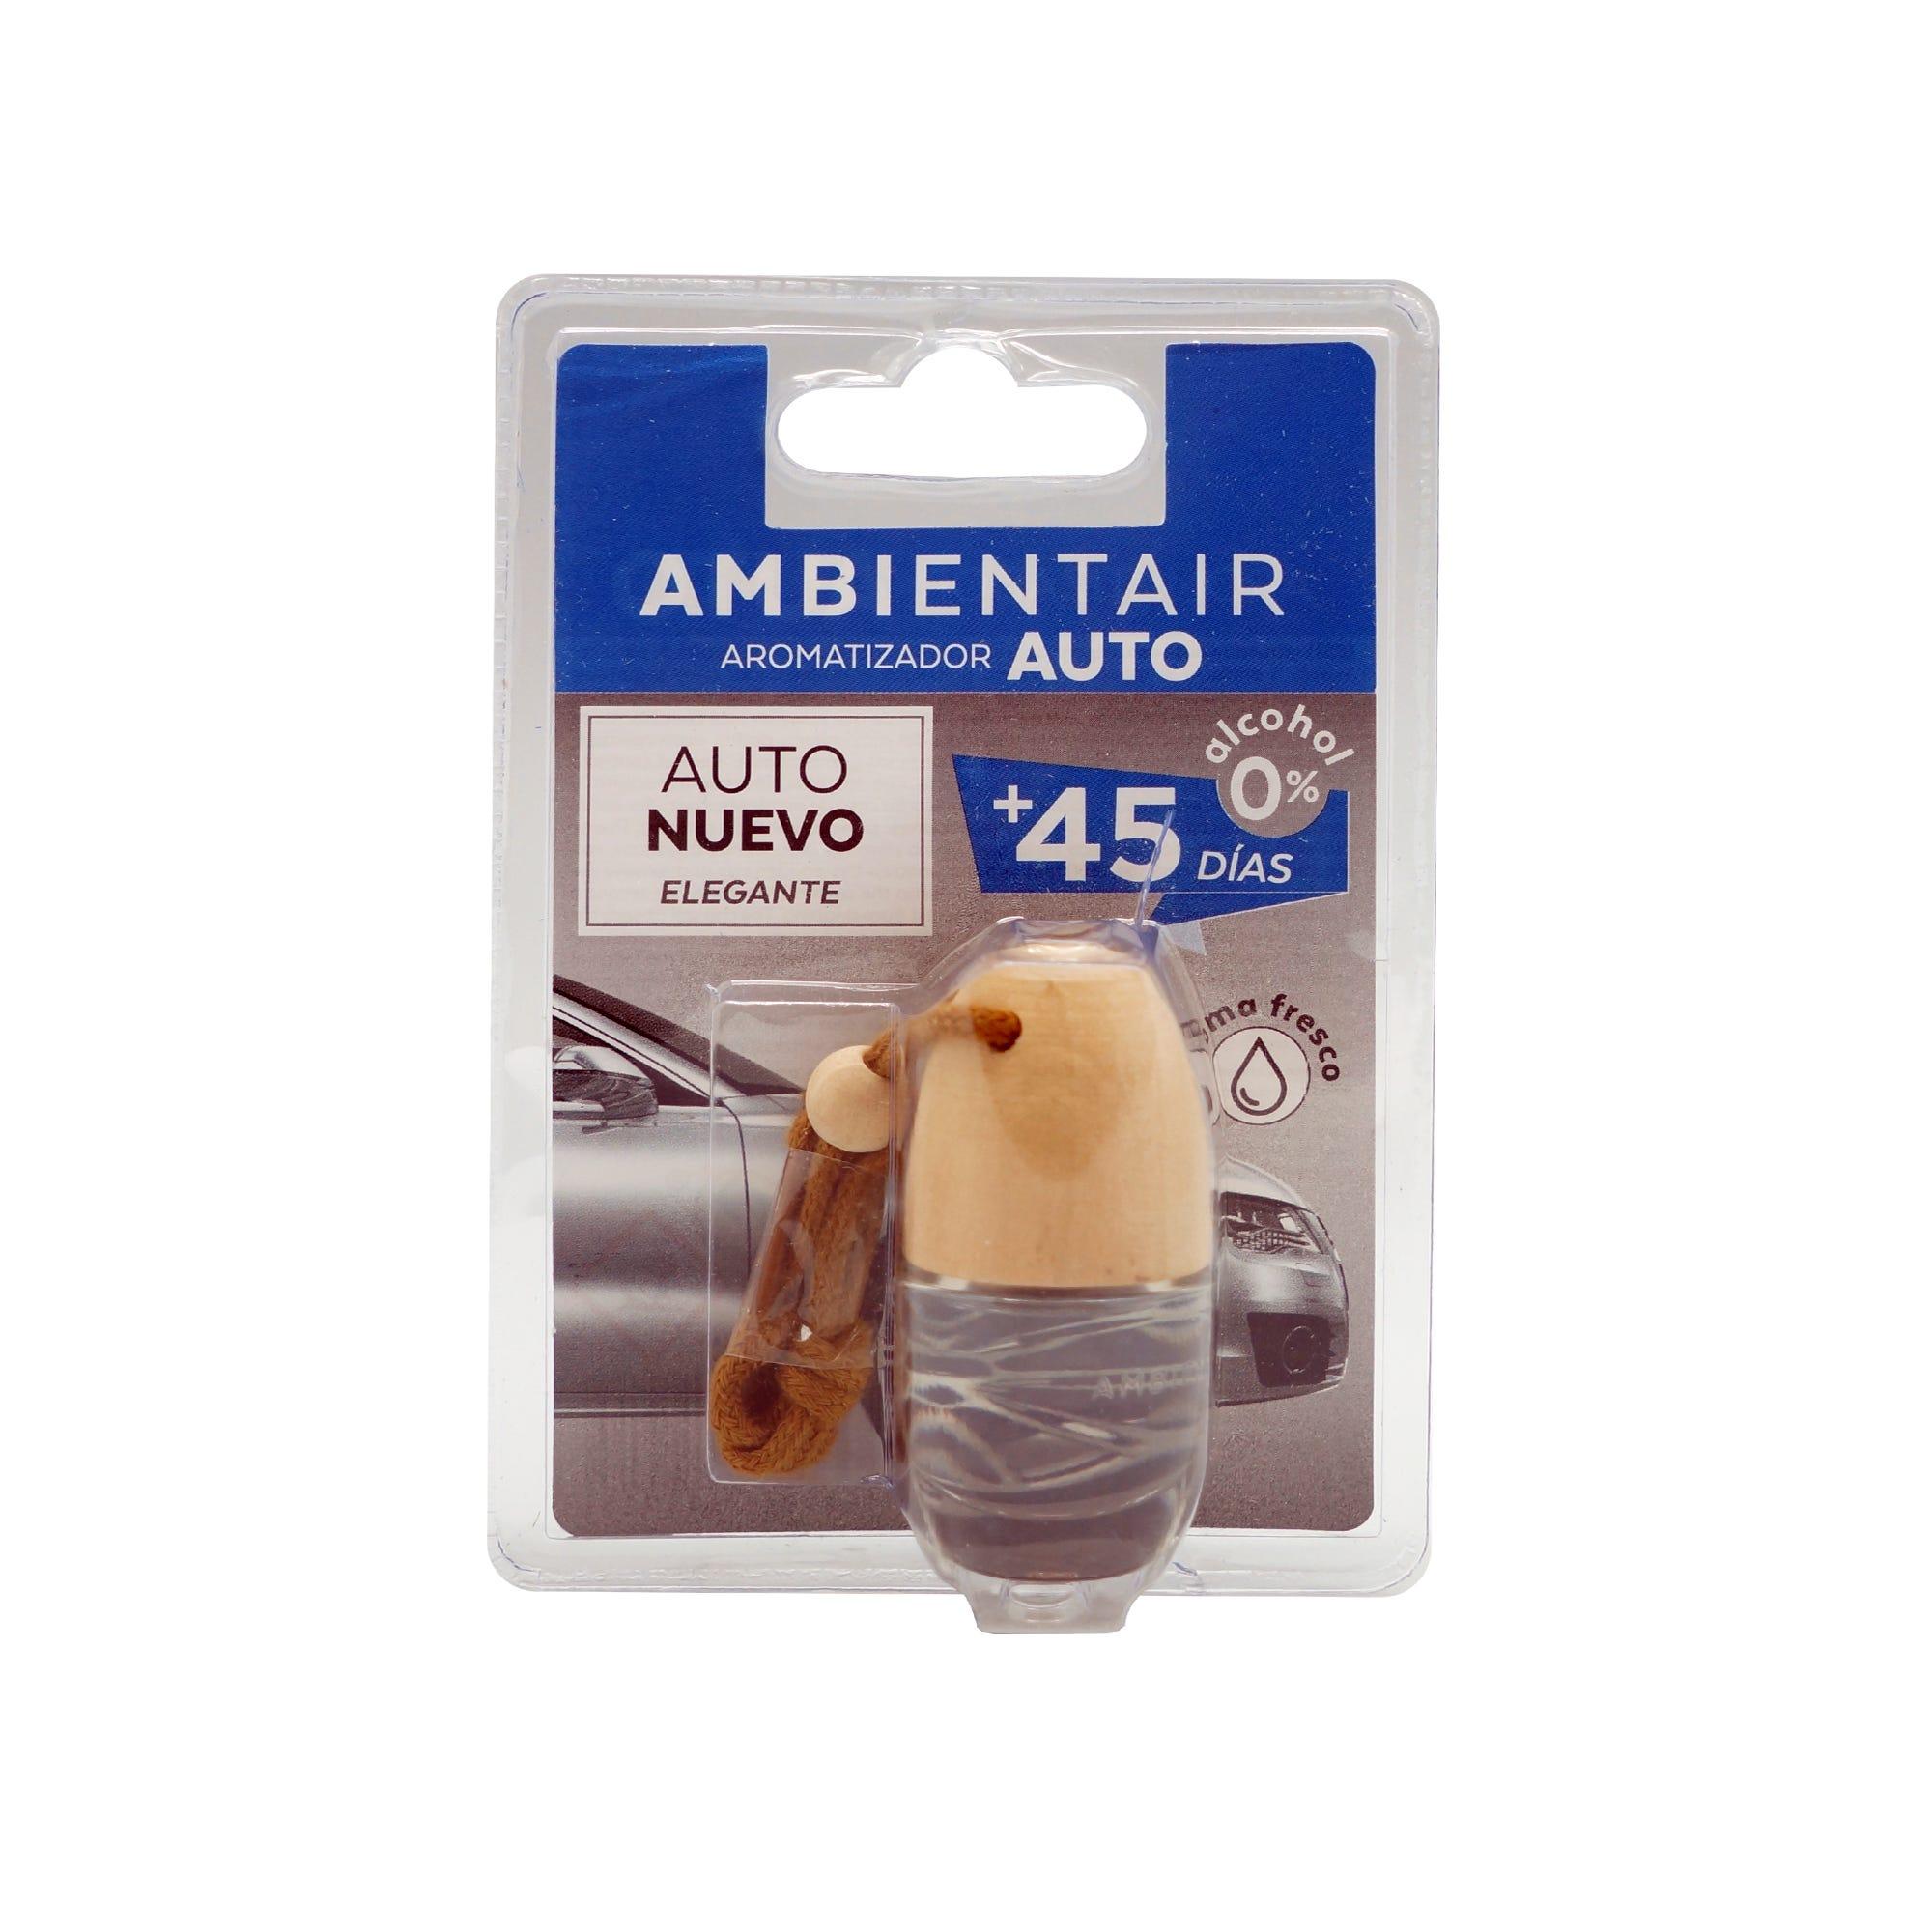 Ambientador para coche Ambientair aroma limpio, 6 mL